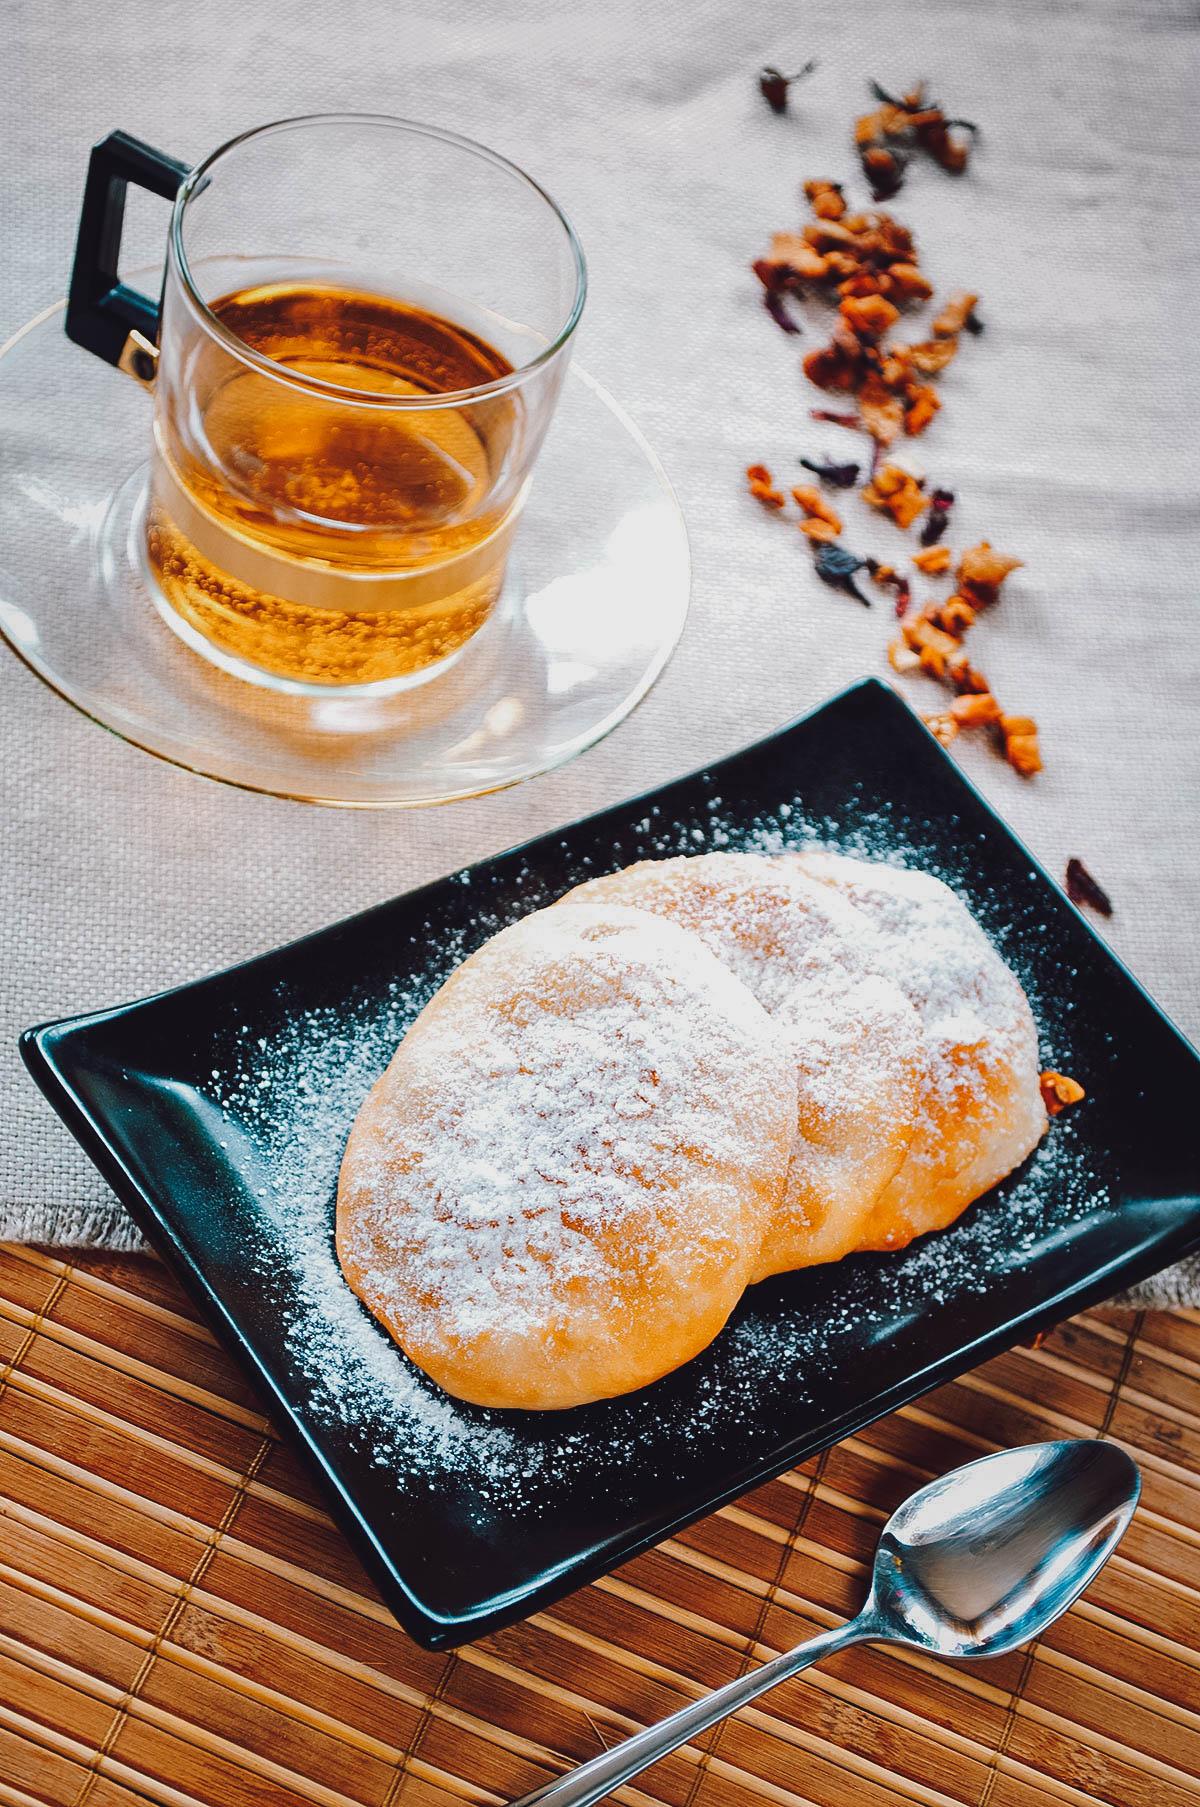 Mekitsa with tea